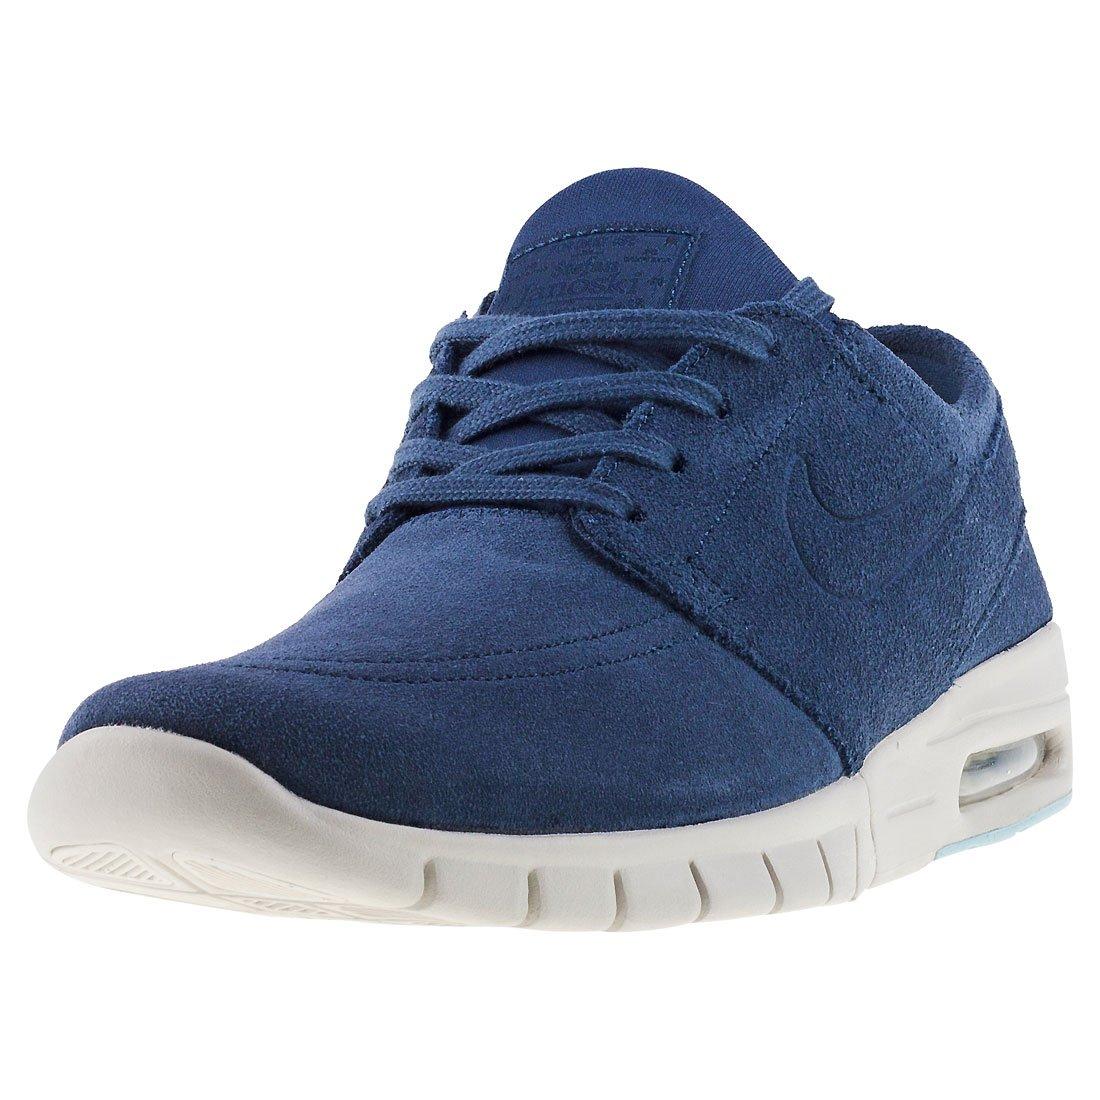 Nike Herren SB Stefan Janoski Max L Dunkelblau Leder/Synthetik Sneaker  475 EU|Dunkelblau (Thunder Blue/Light Bone)